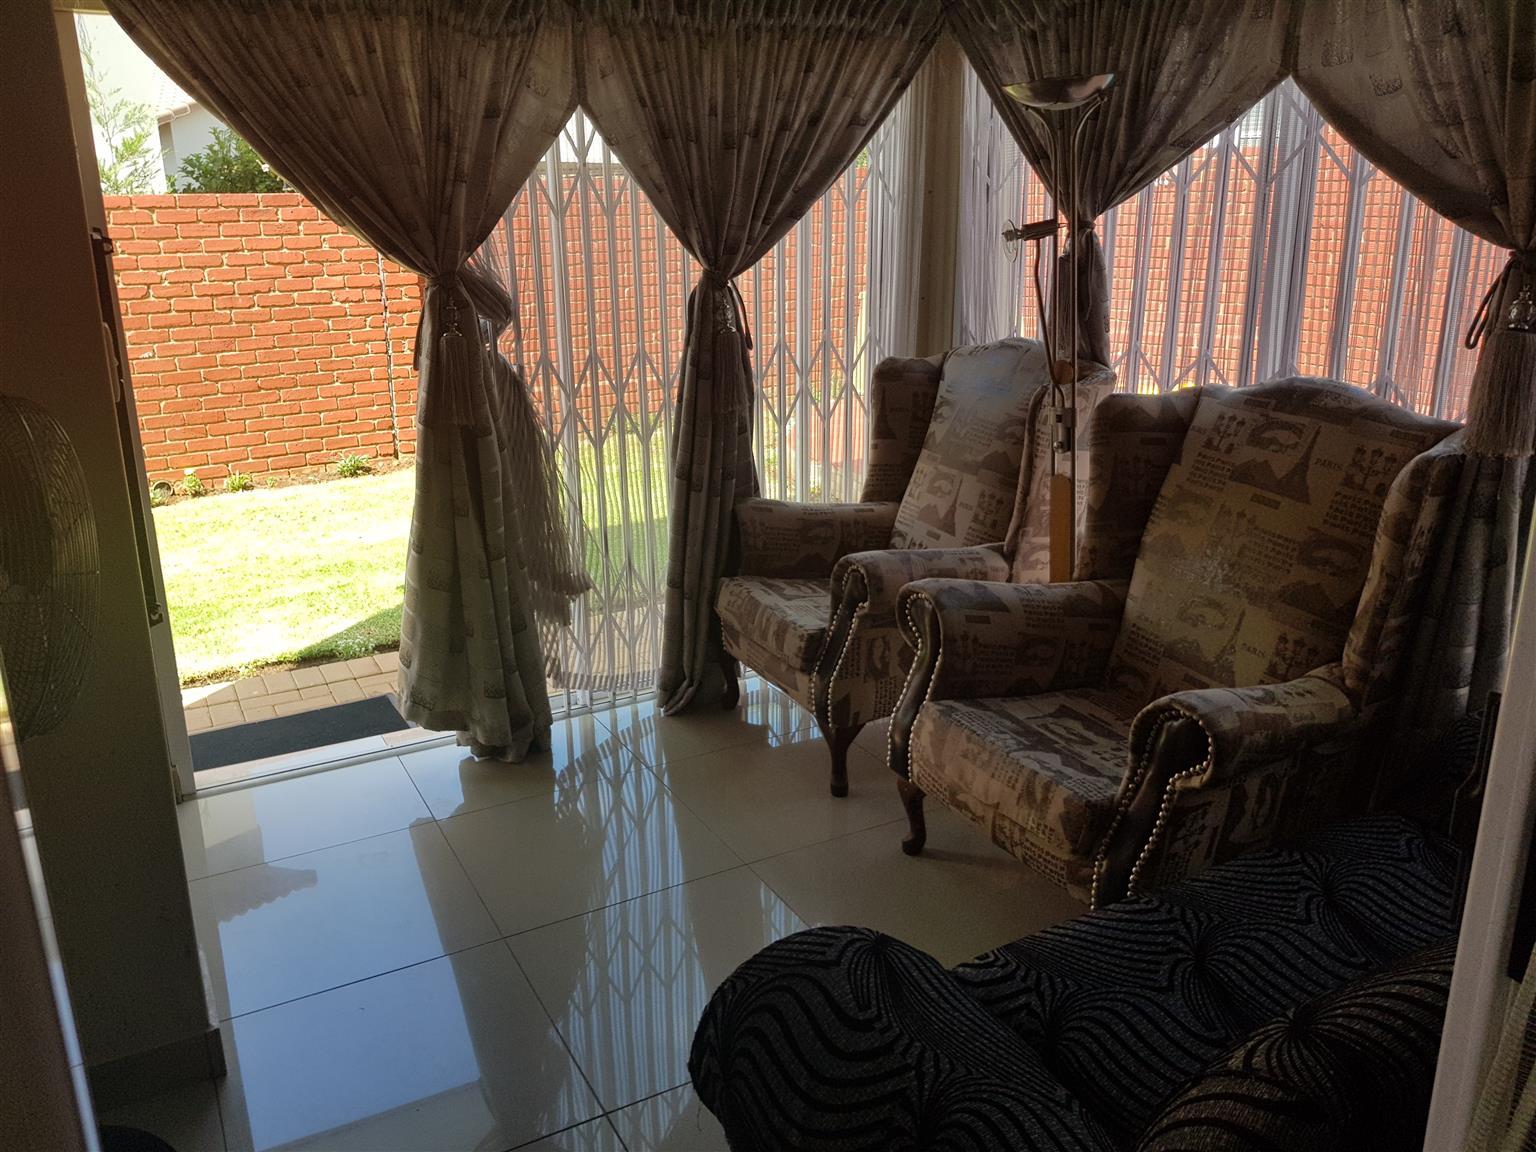 Upmarket 4 bedroom, 4 bathroom townhouse with double garage in Hazeldean, Pretoria.